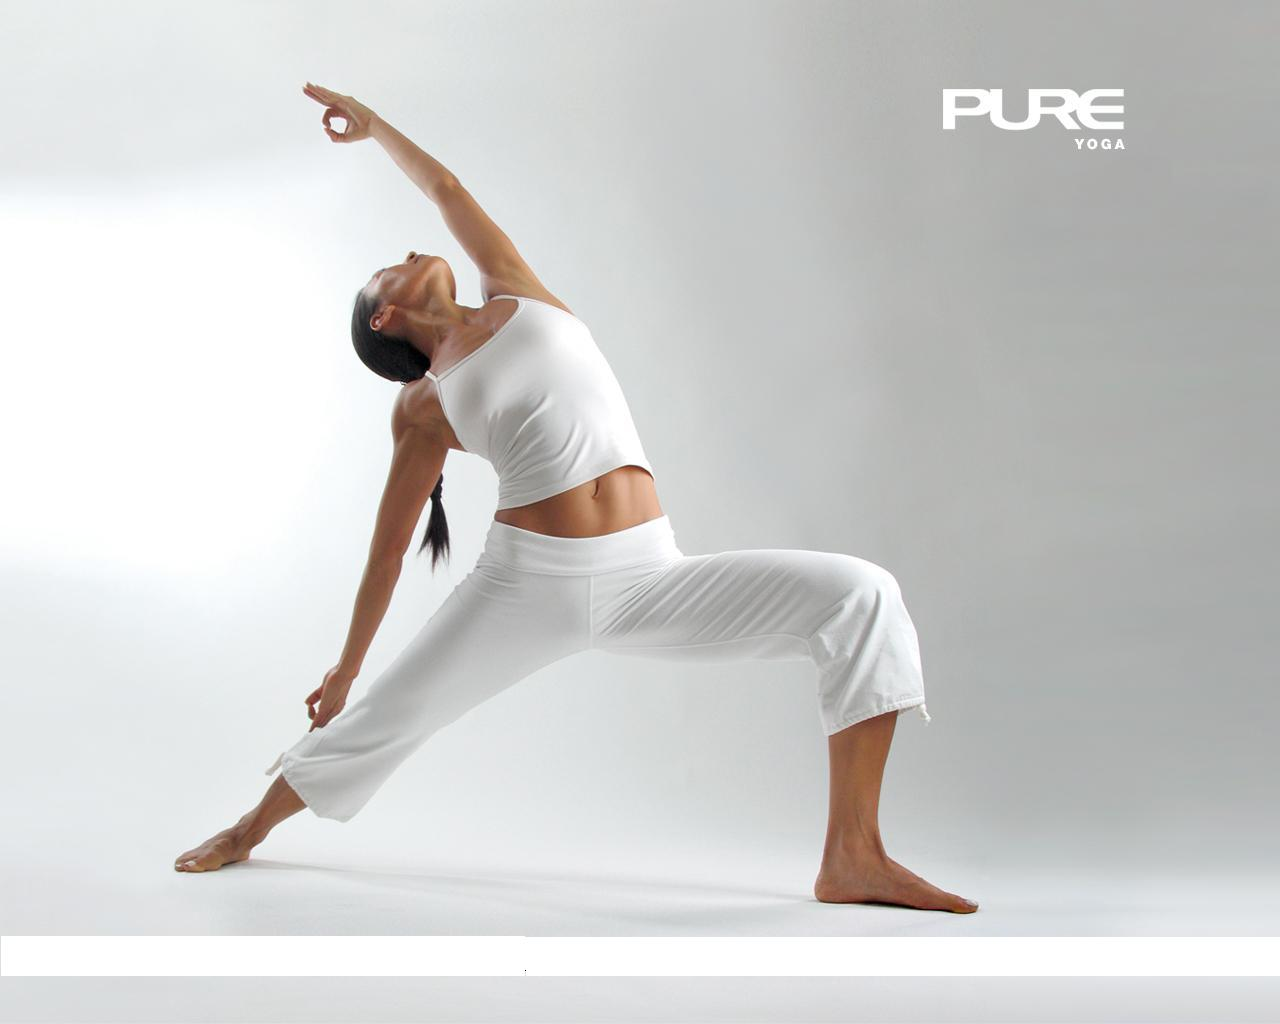 Yoga: Meditation and exercise